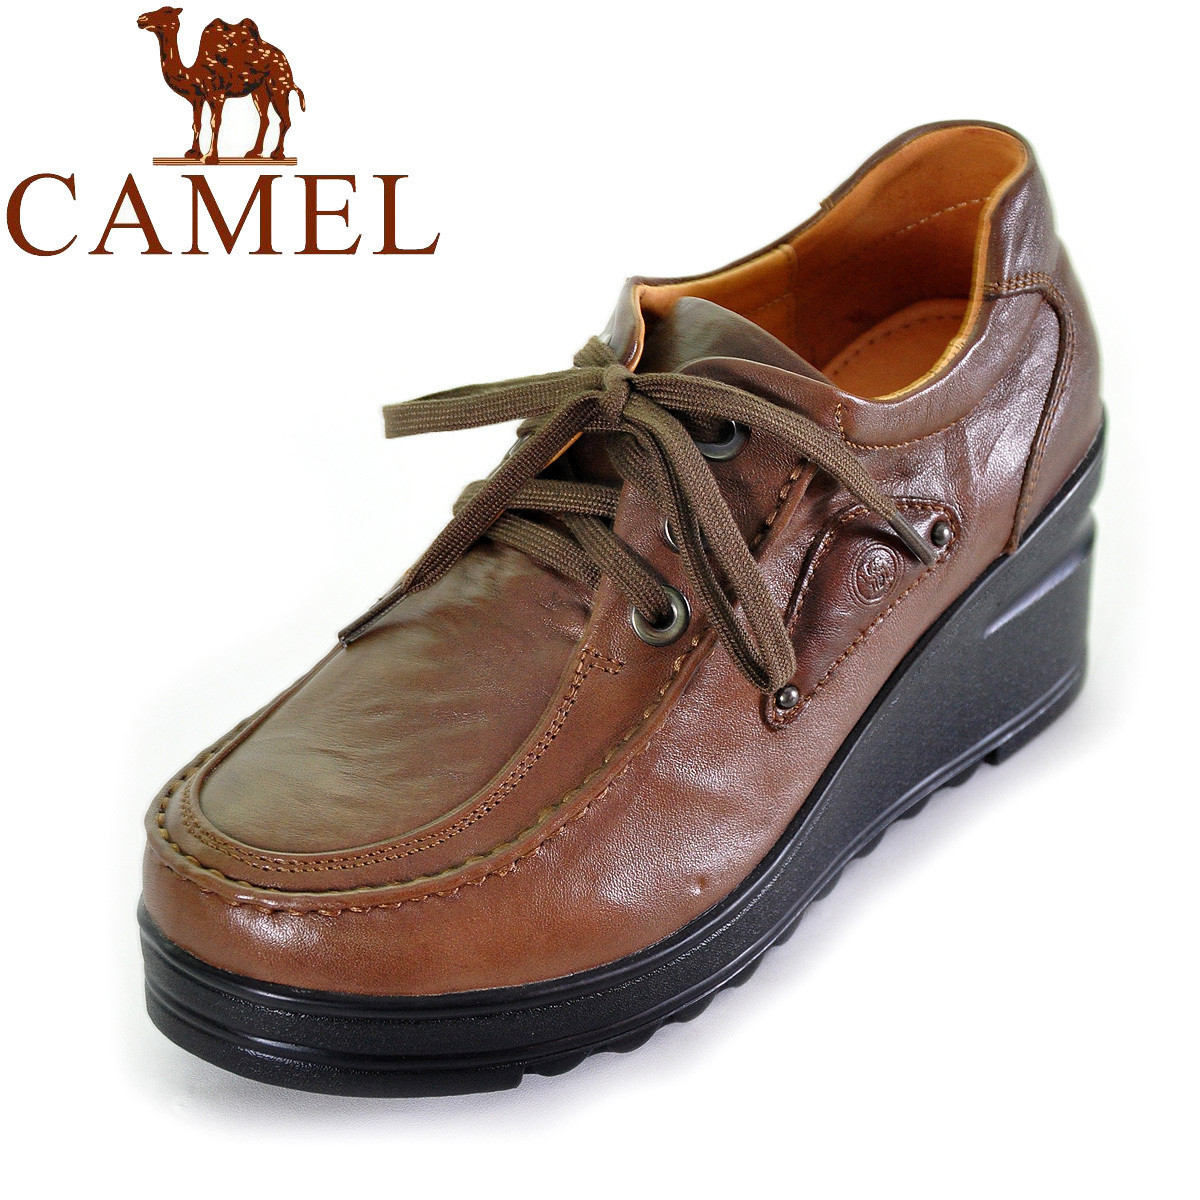 美国骆驼休闲鞋_骆驼女士休闲鞋_裕安图片网